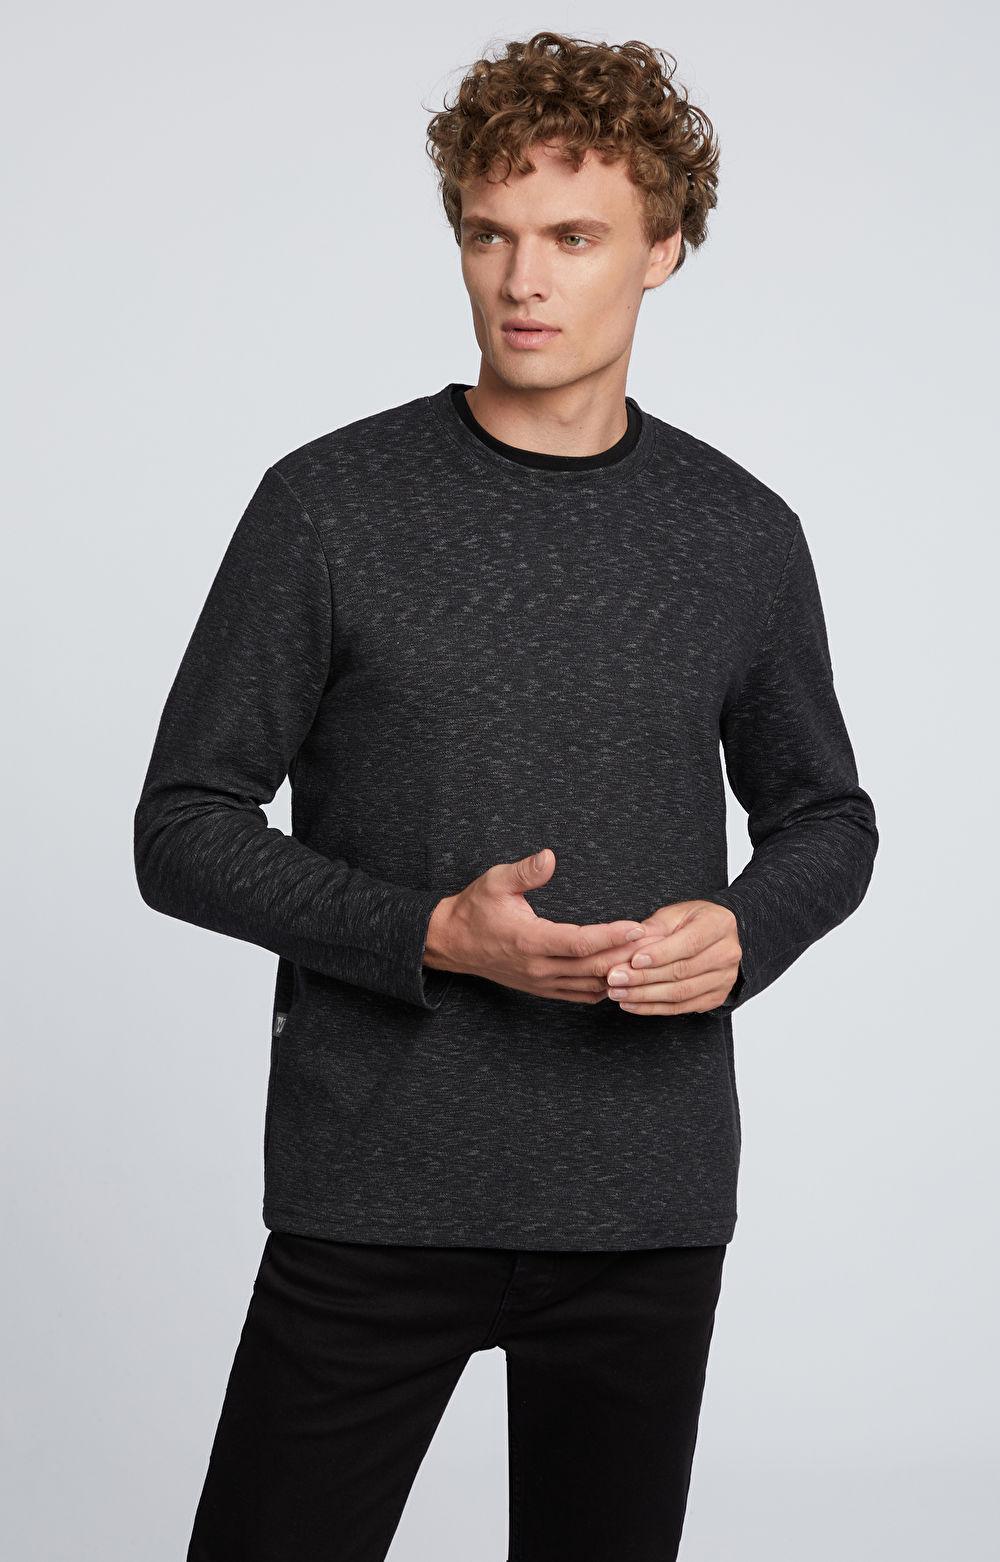 Bluza z melanżowym wzorem